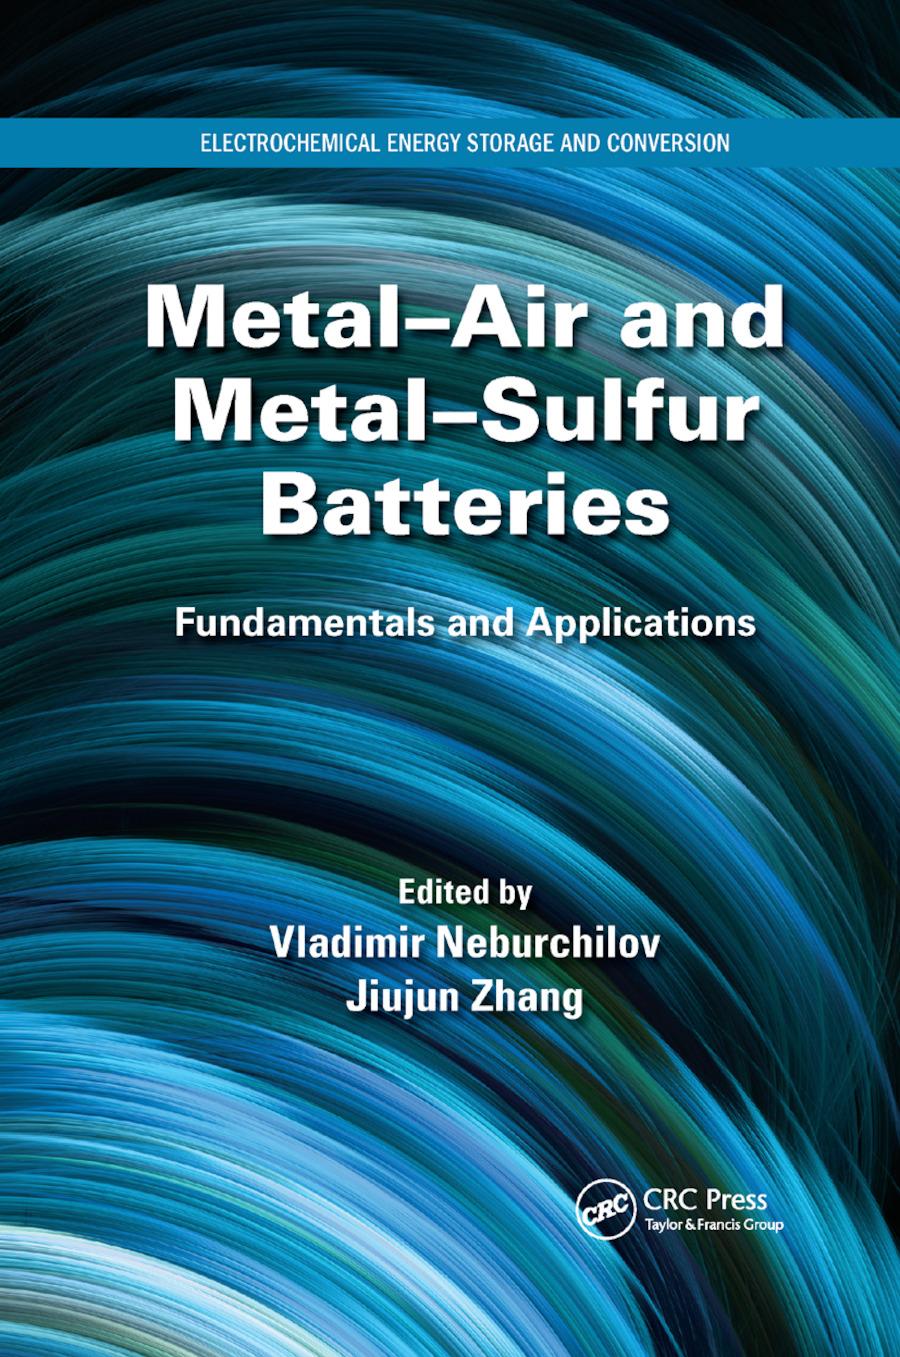 Metal-Air and Metal-Sulfur Batteries